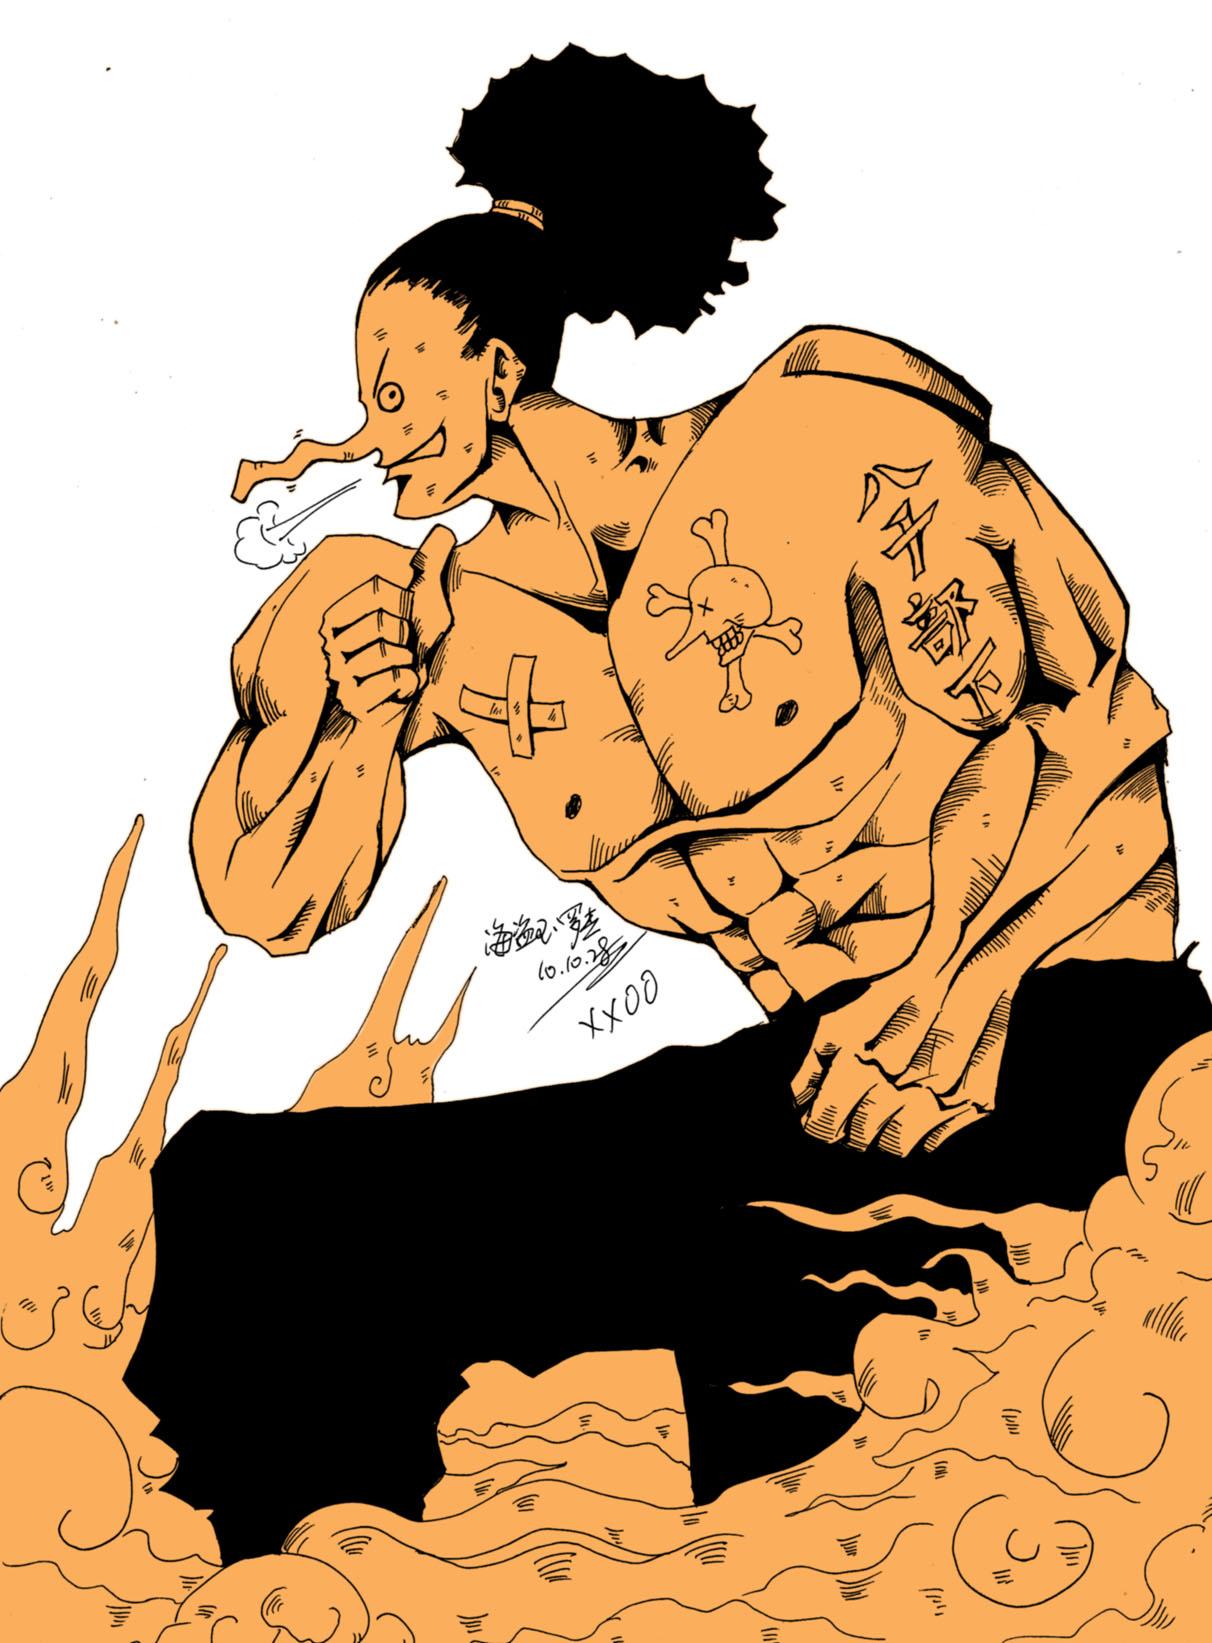 小男孩肌肉膨胀漫画